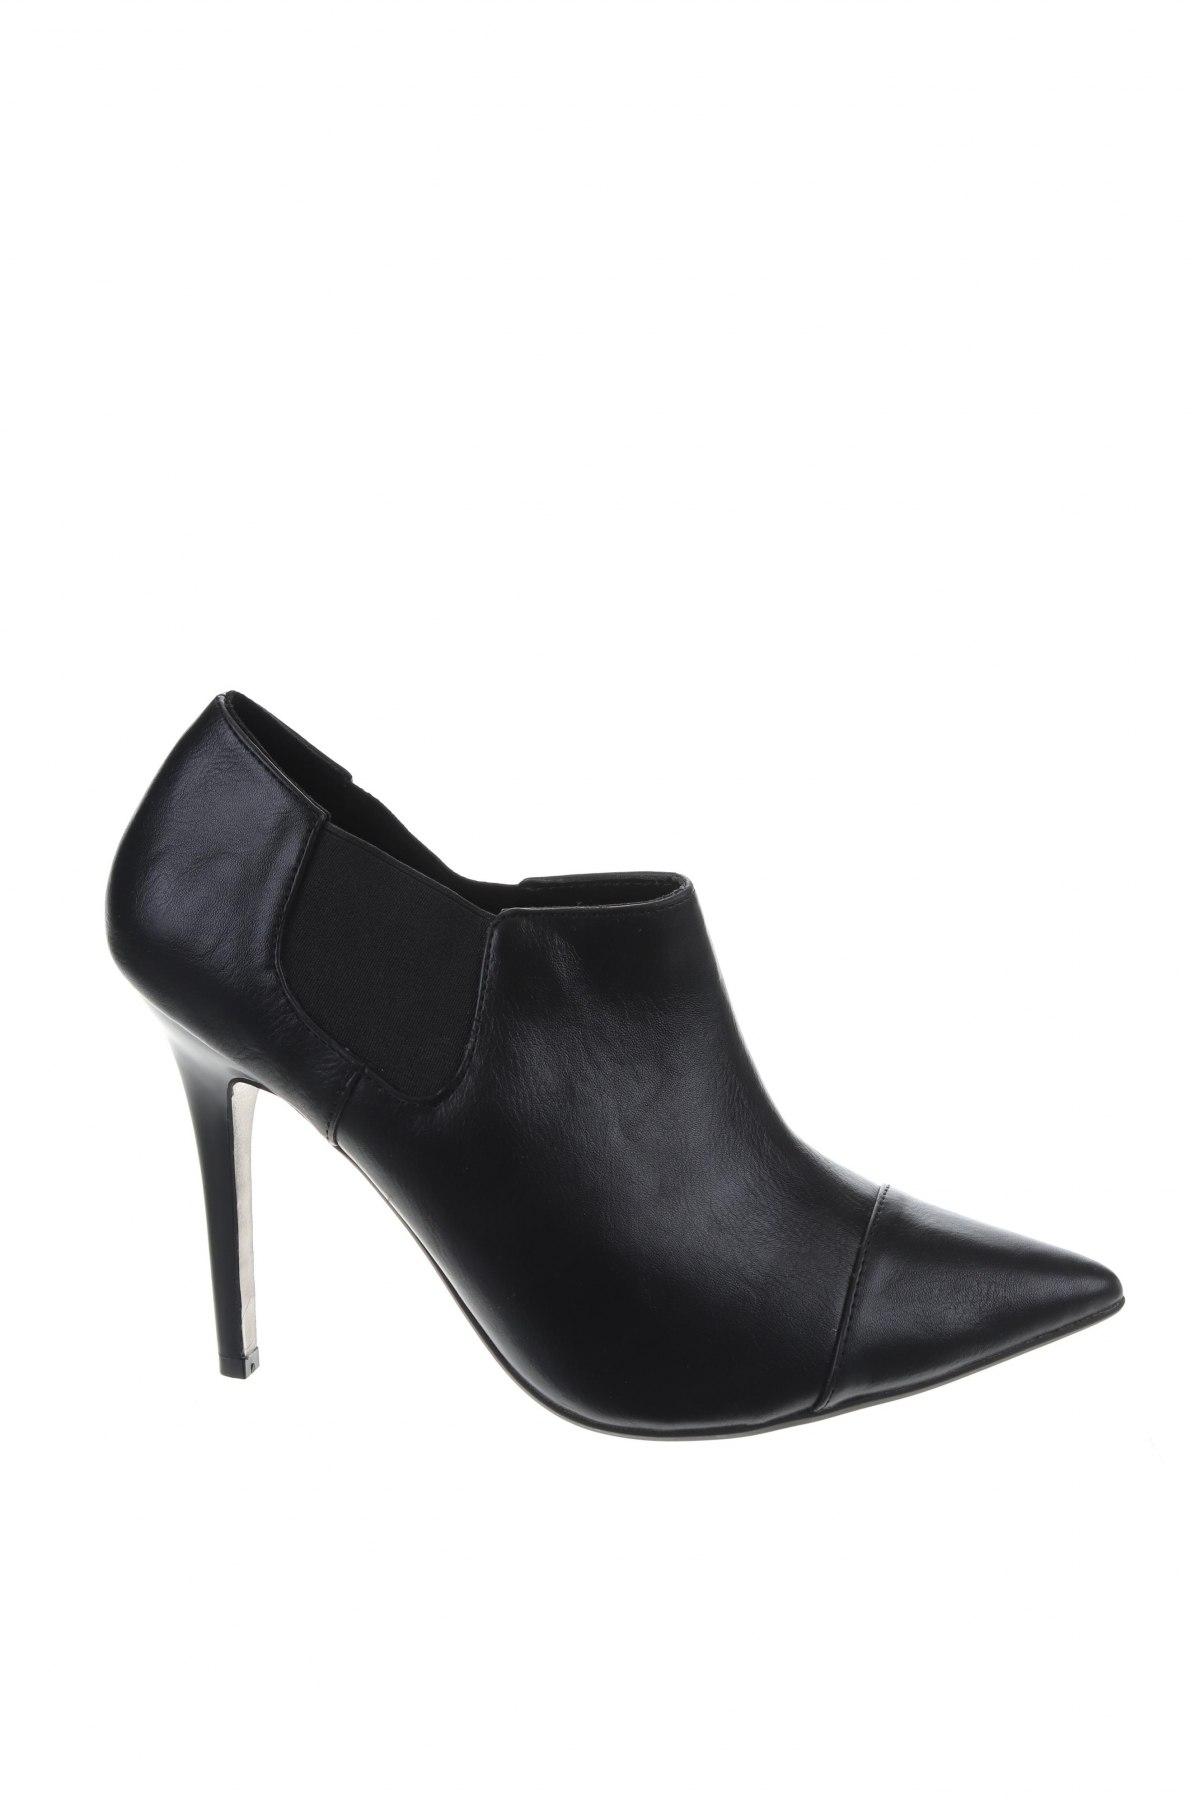 Γυναικεία παπούτσια Pull&Bear, Μέγεθος 39, Χρώμα Μαύρο, Δερματίνη, Τιμή 17,58€